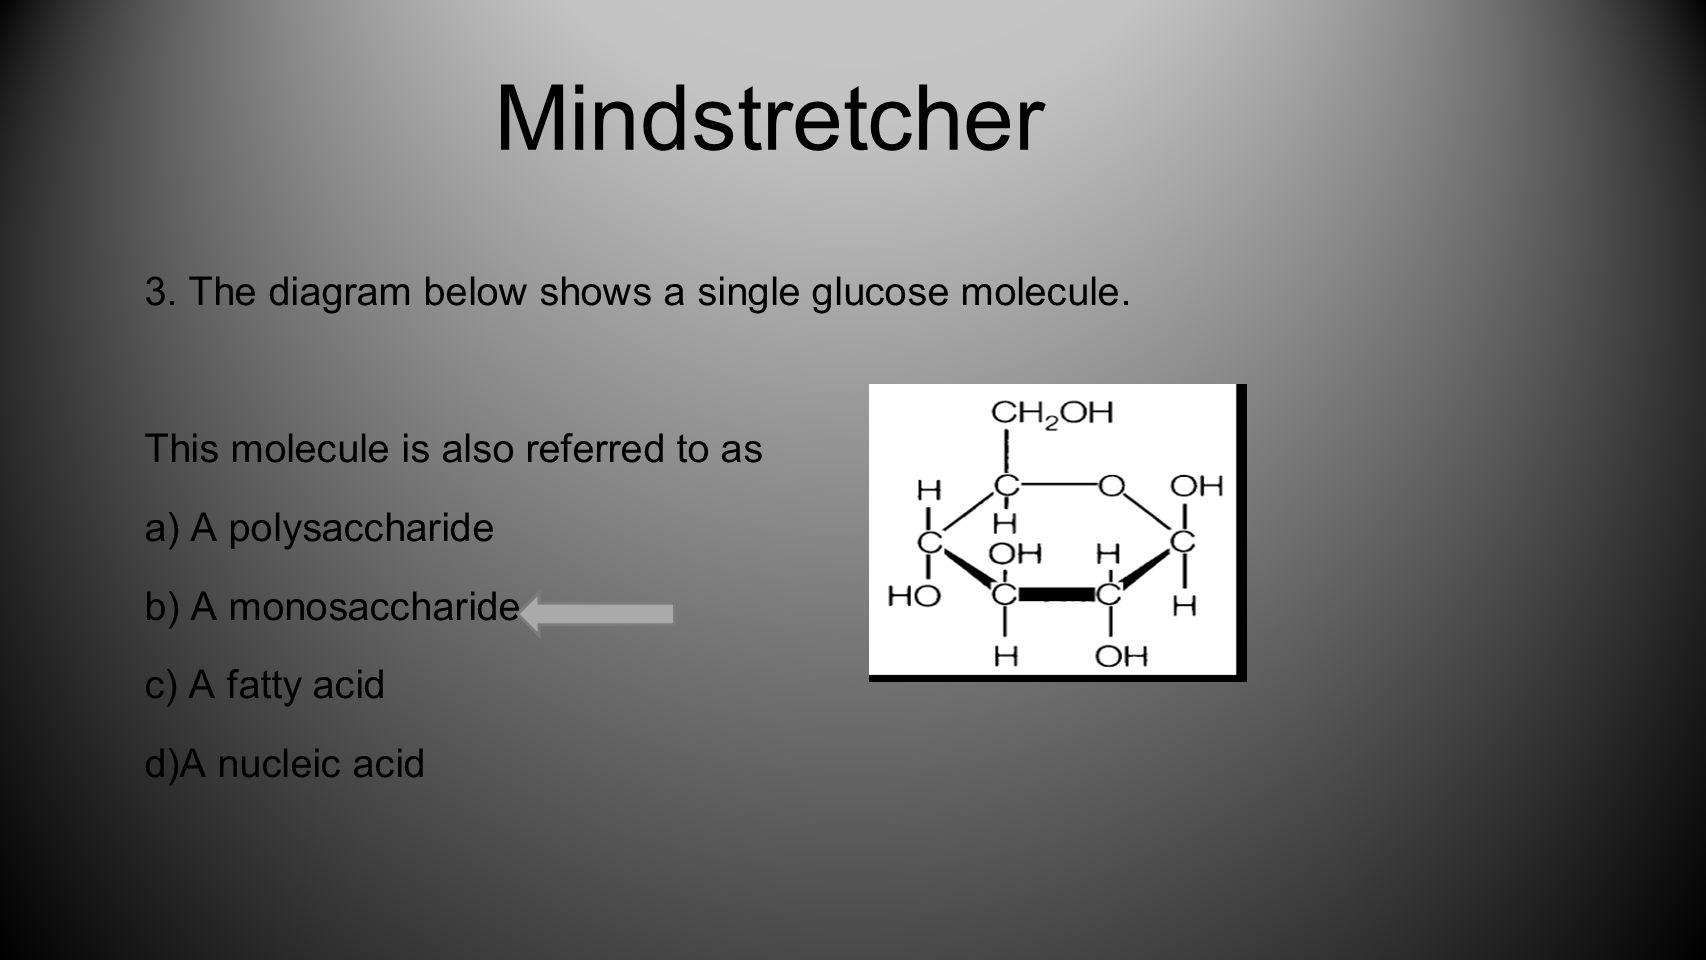 Mindstretcher 3. The diagram below shows a single glucose molecule.